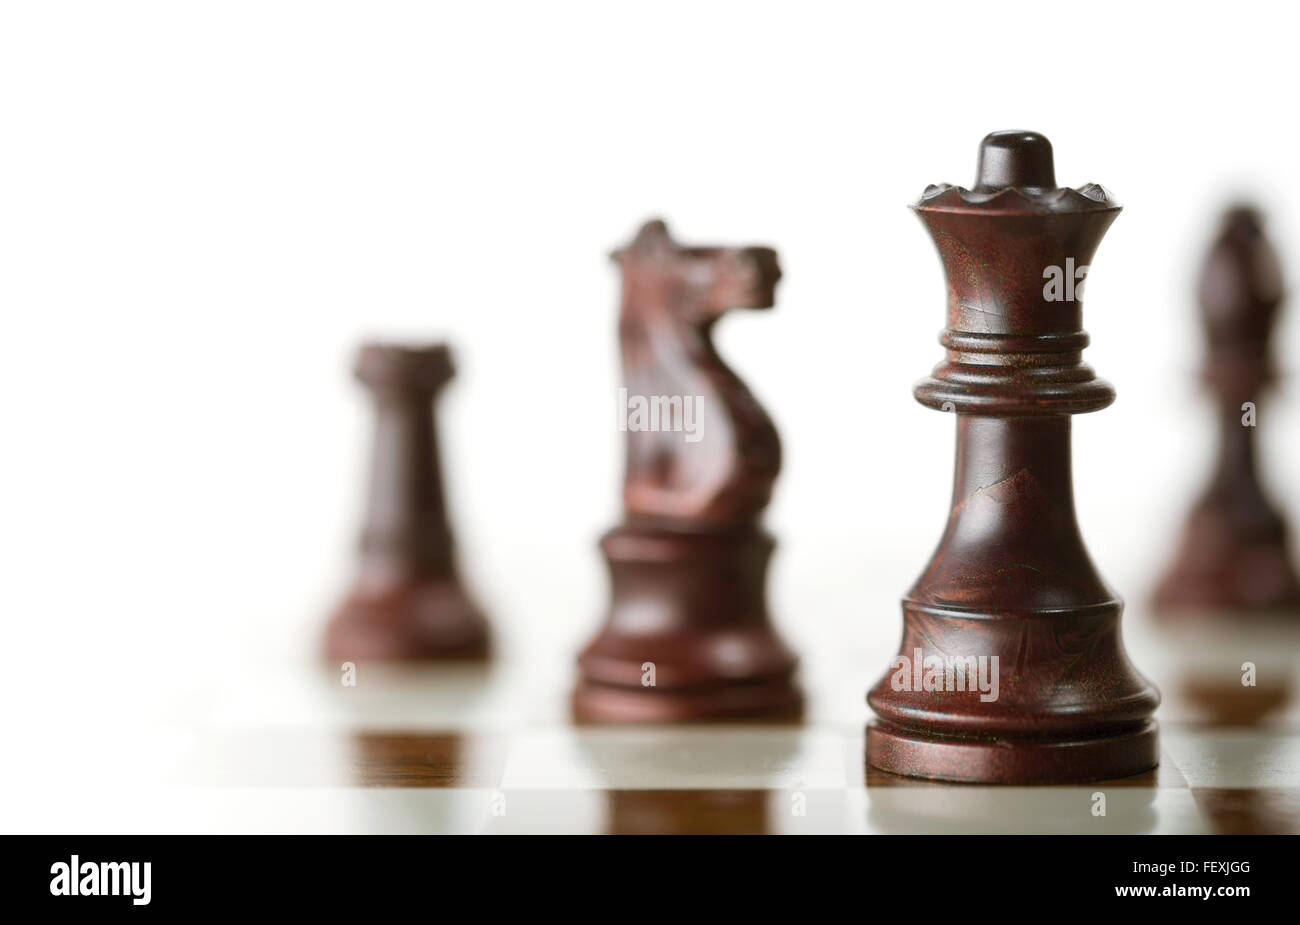 Imagen horizontal de un juego de ajedrez con el foco en la reina y una borrosa piezas sobre fondo blanco, copia Imagen De Stock